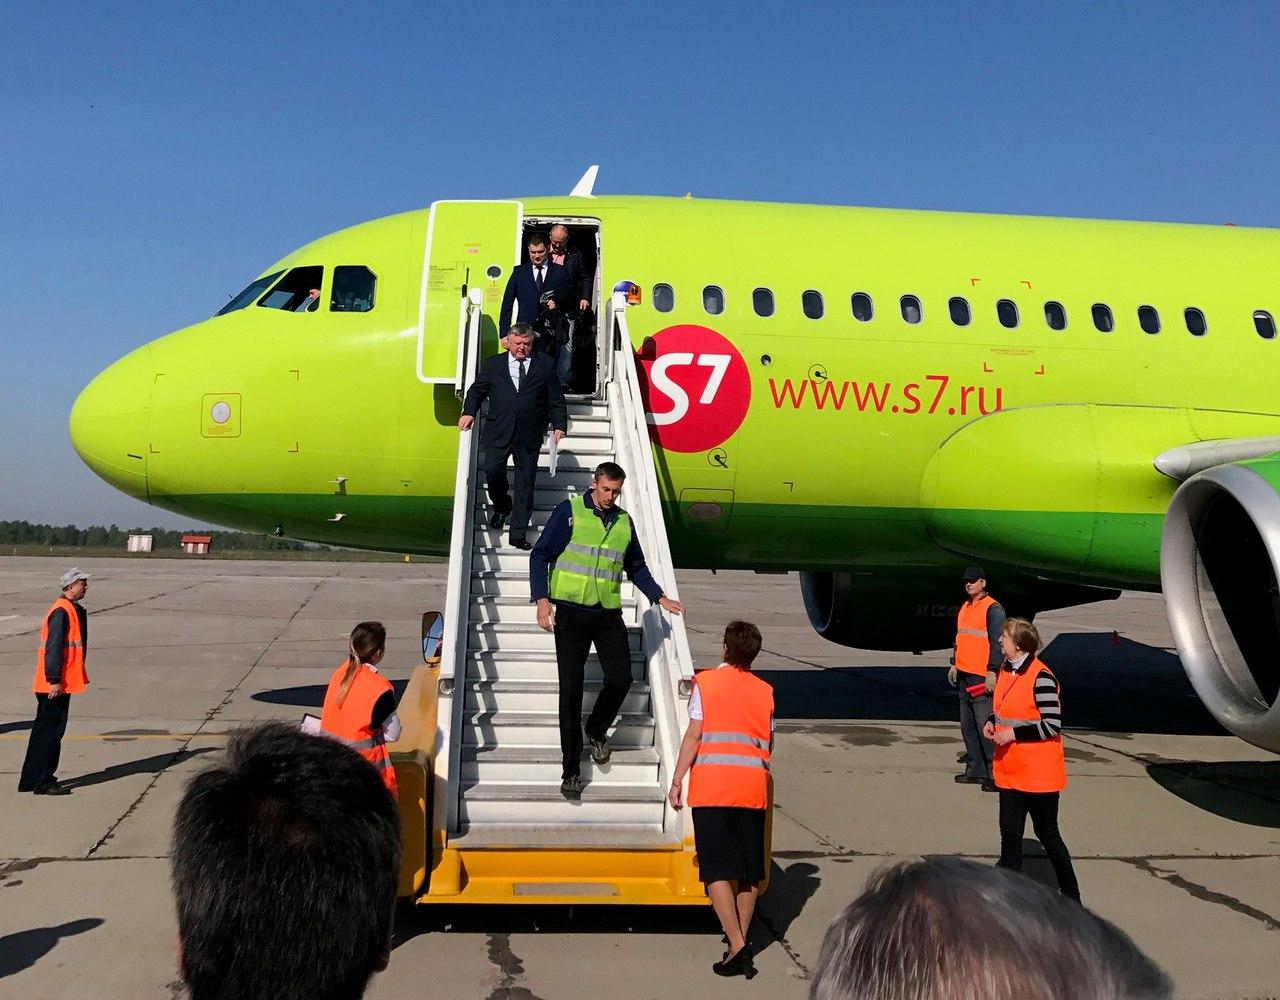 1-ый рейс Санкт-Петербург-Брянск встречали «водной аркой»